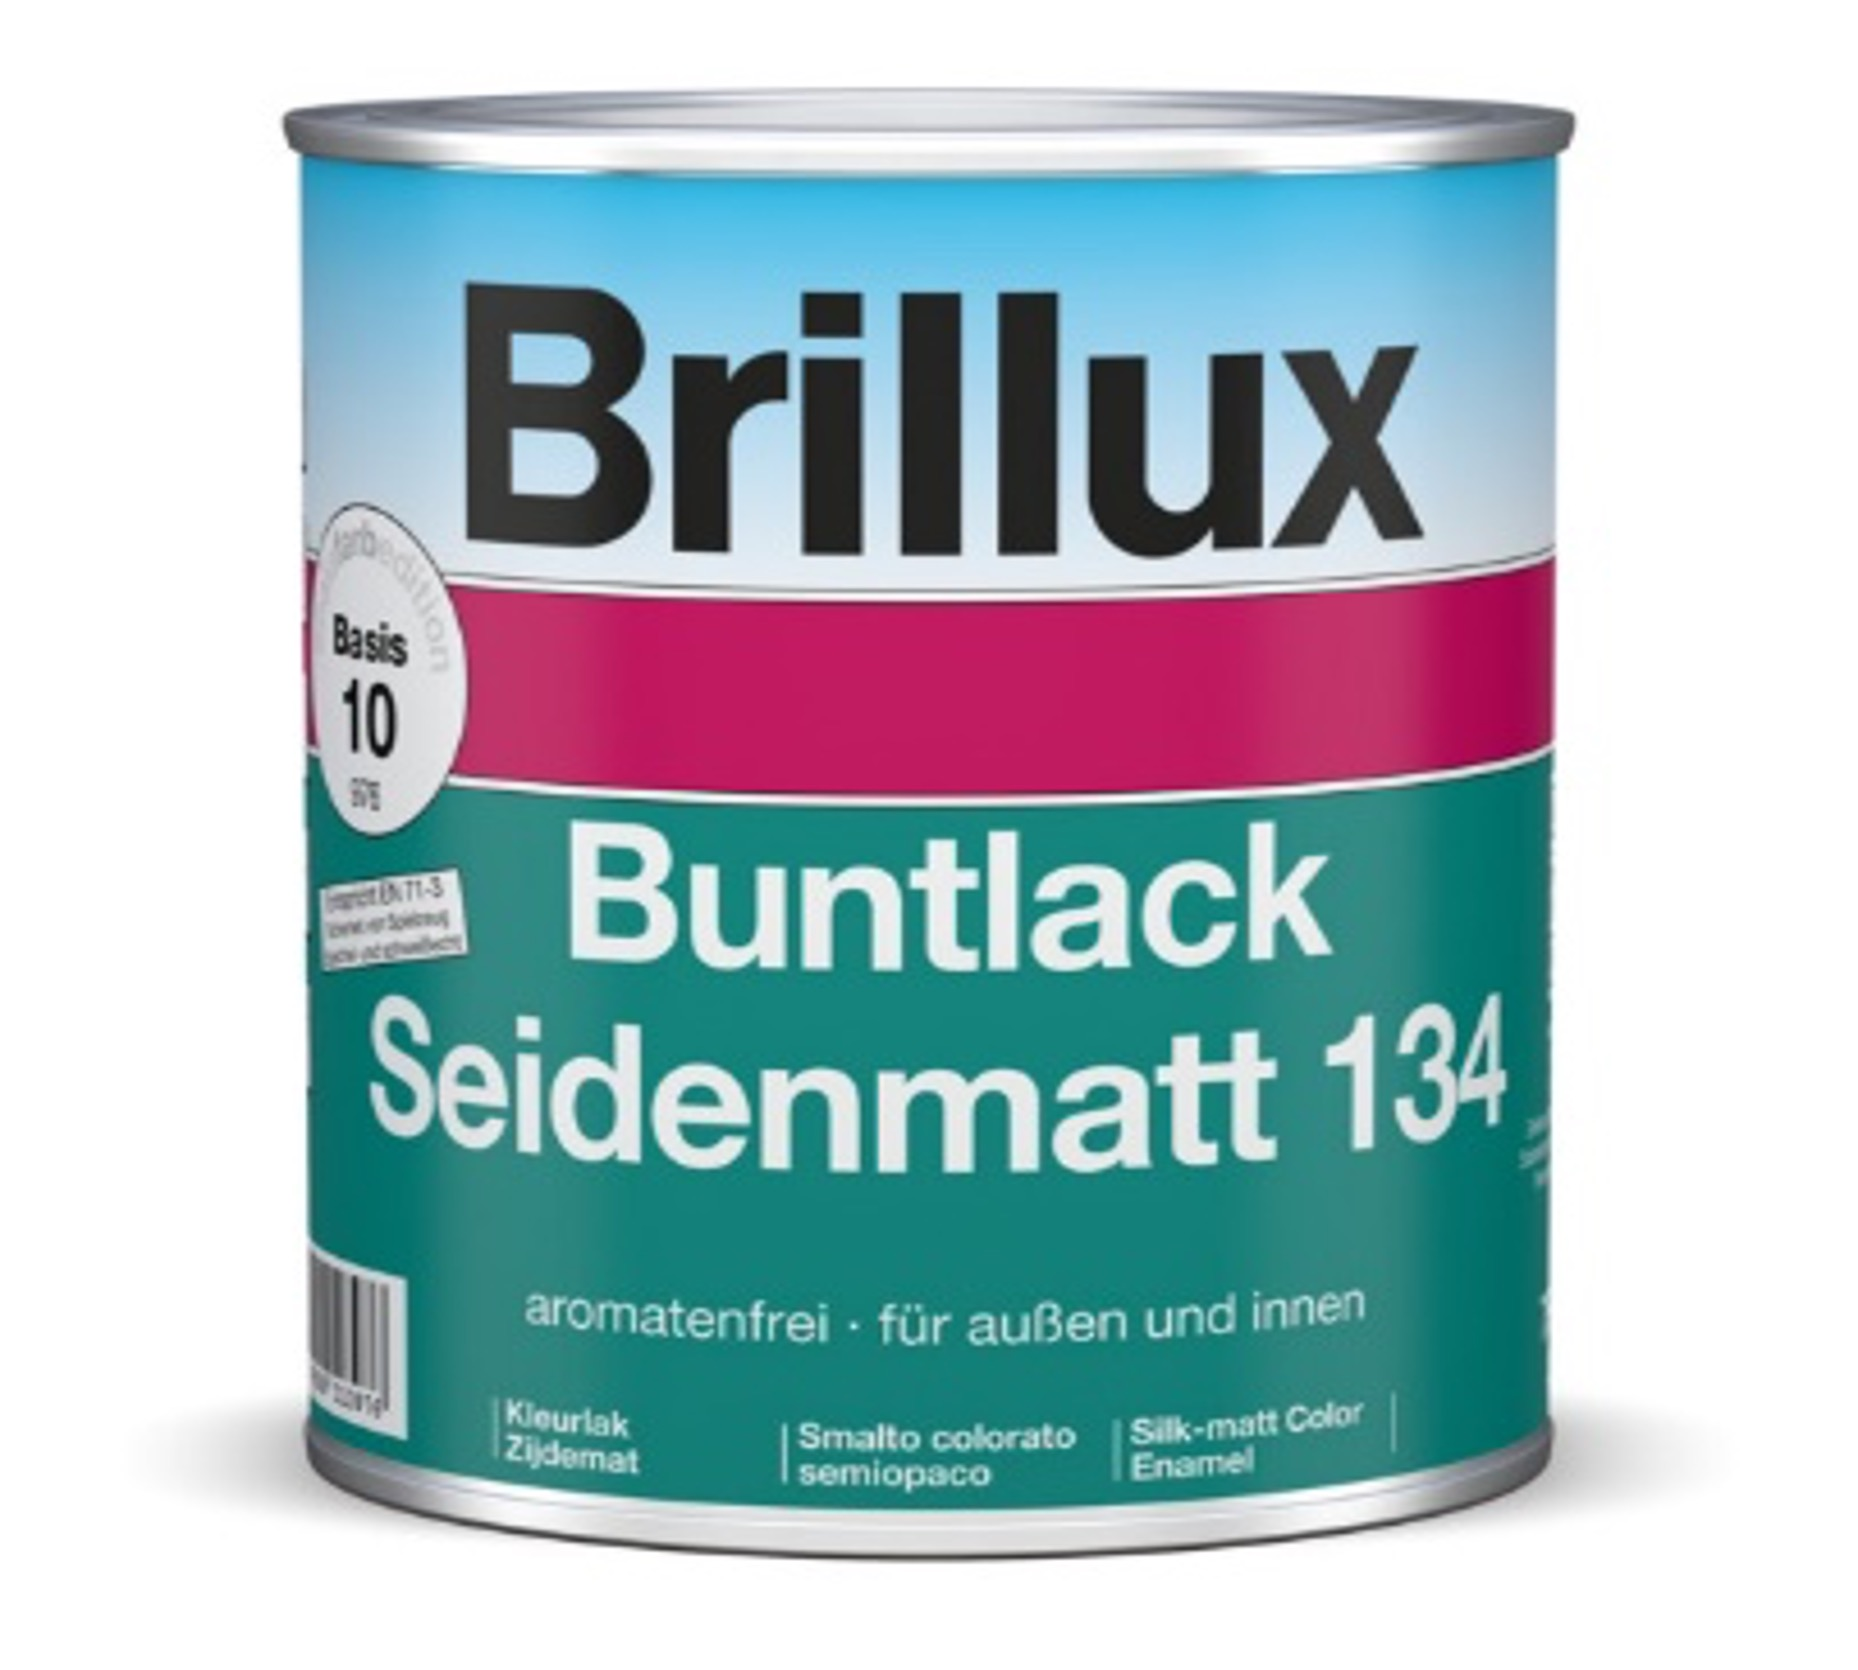 Brillux Buntlack Seidenmatt 134 Seidenmatte Lackierungen Image